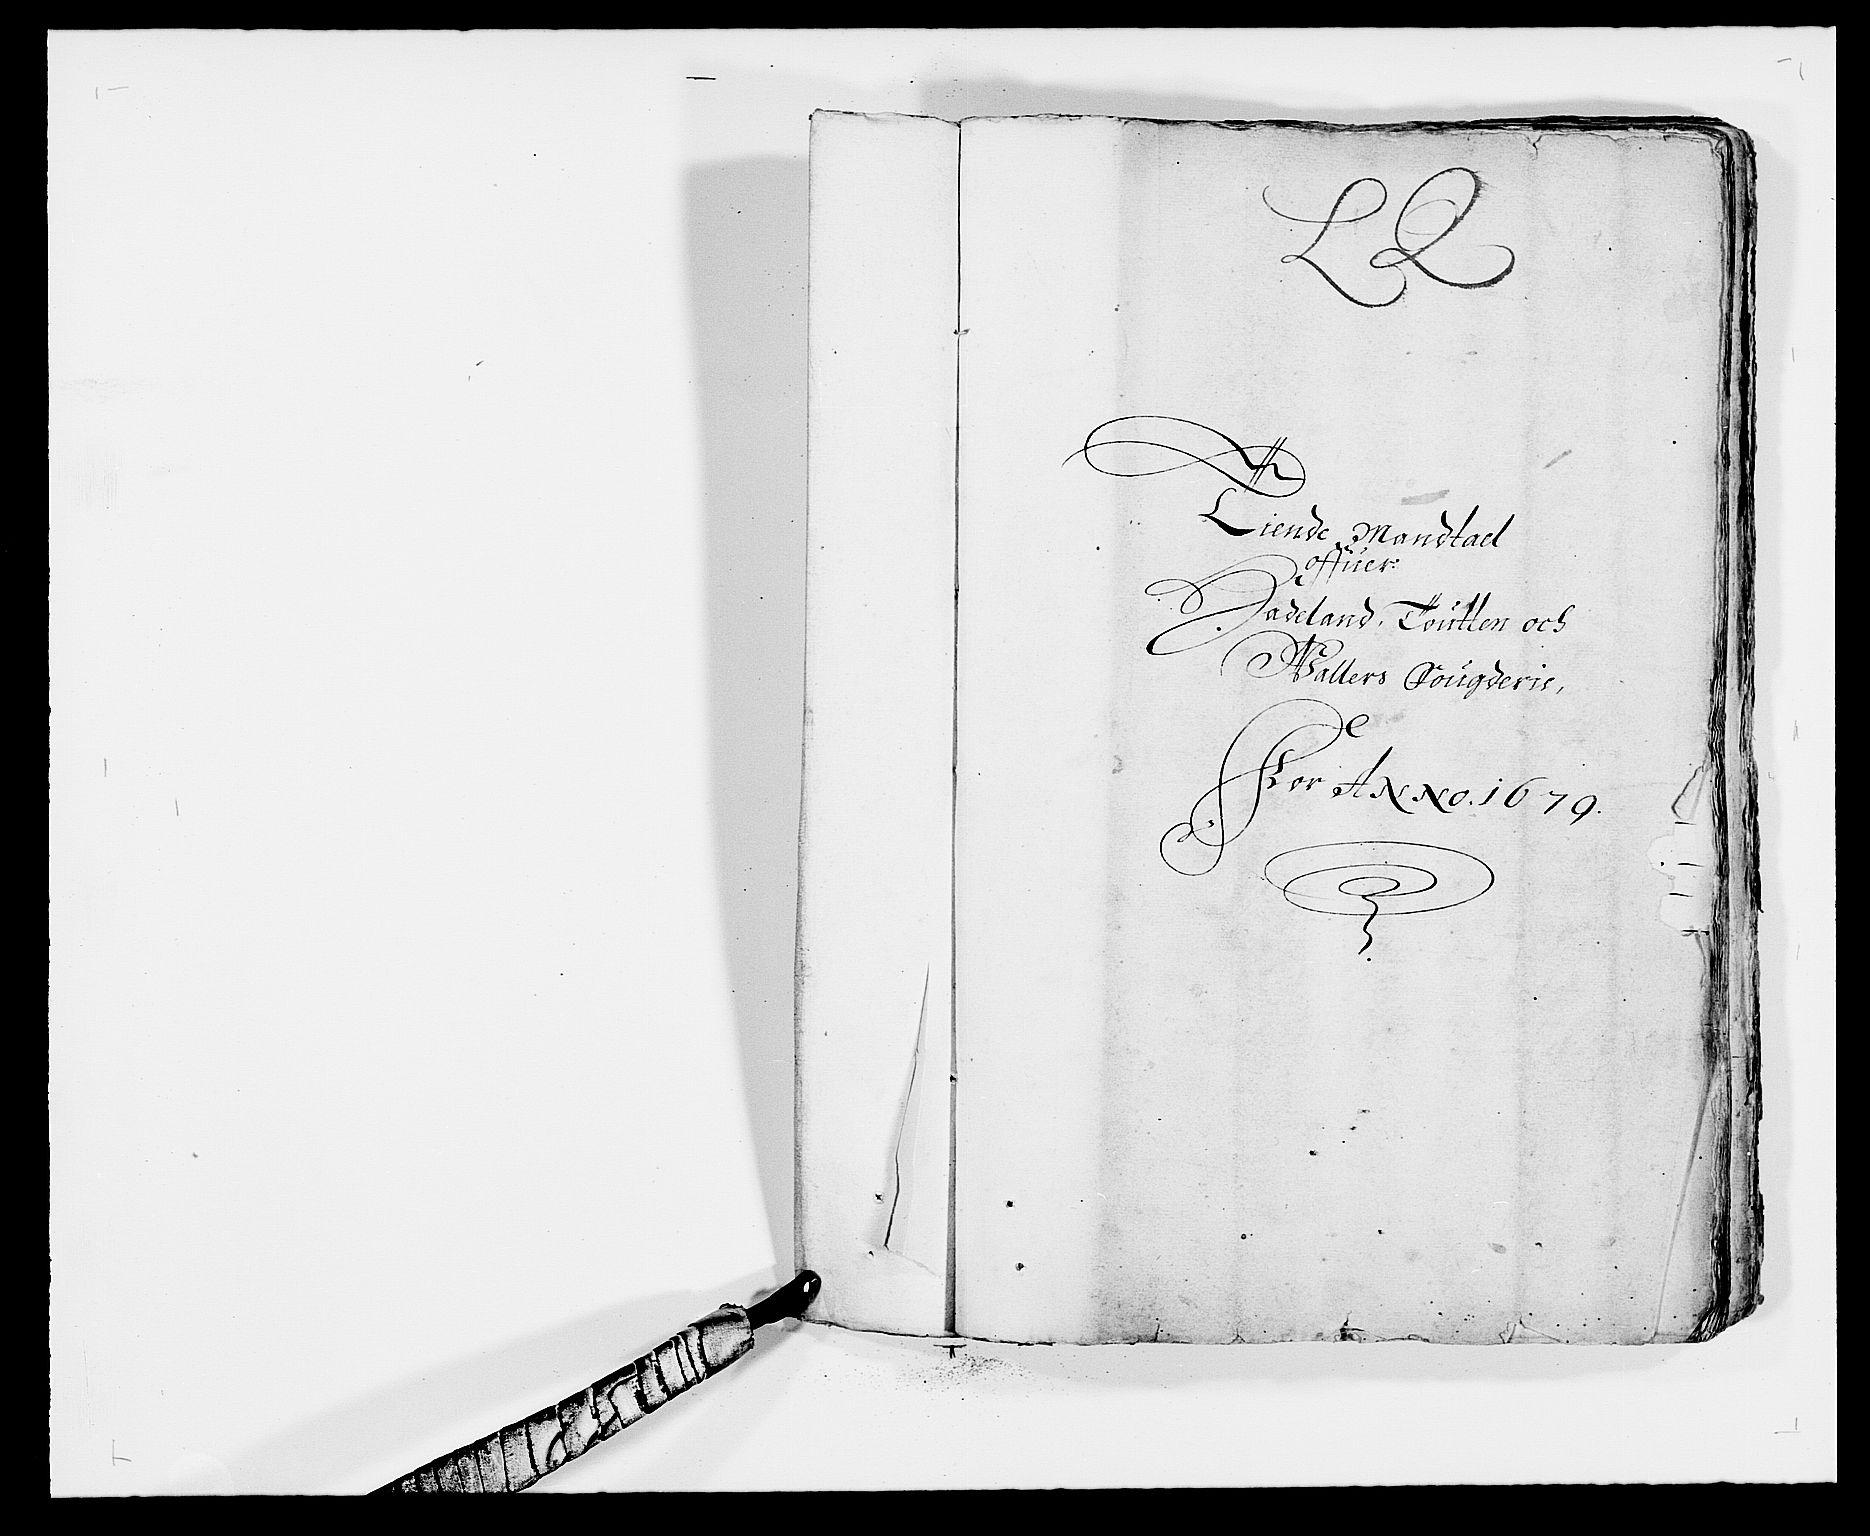 RA, Rentekammeret inntil 1814, Reviderte regnskaper, Fogderegnskap, R18/L1272: Fogderegnskap Hadeland, Toten og Valdres, 1679, s. 100